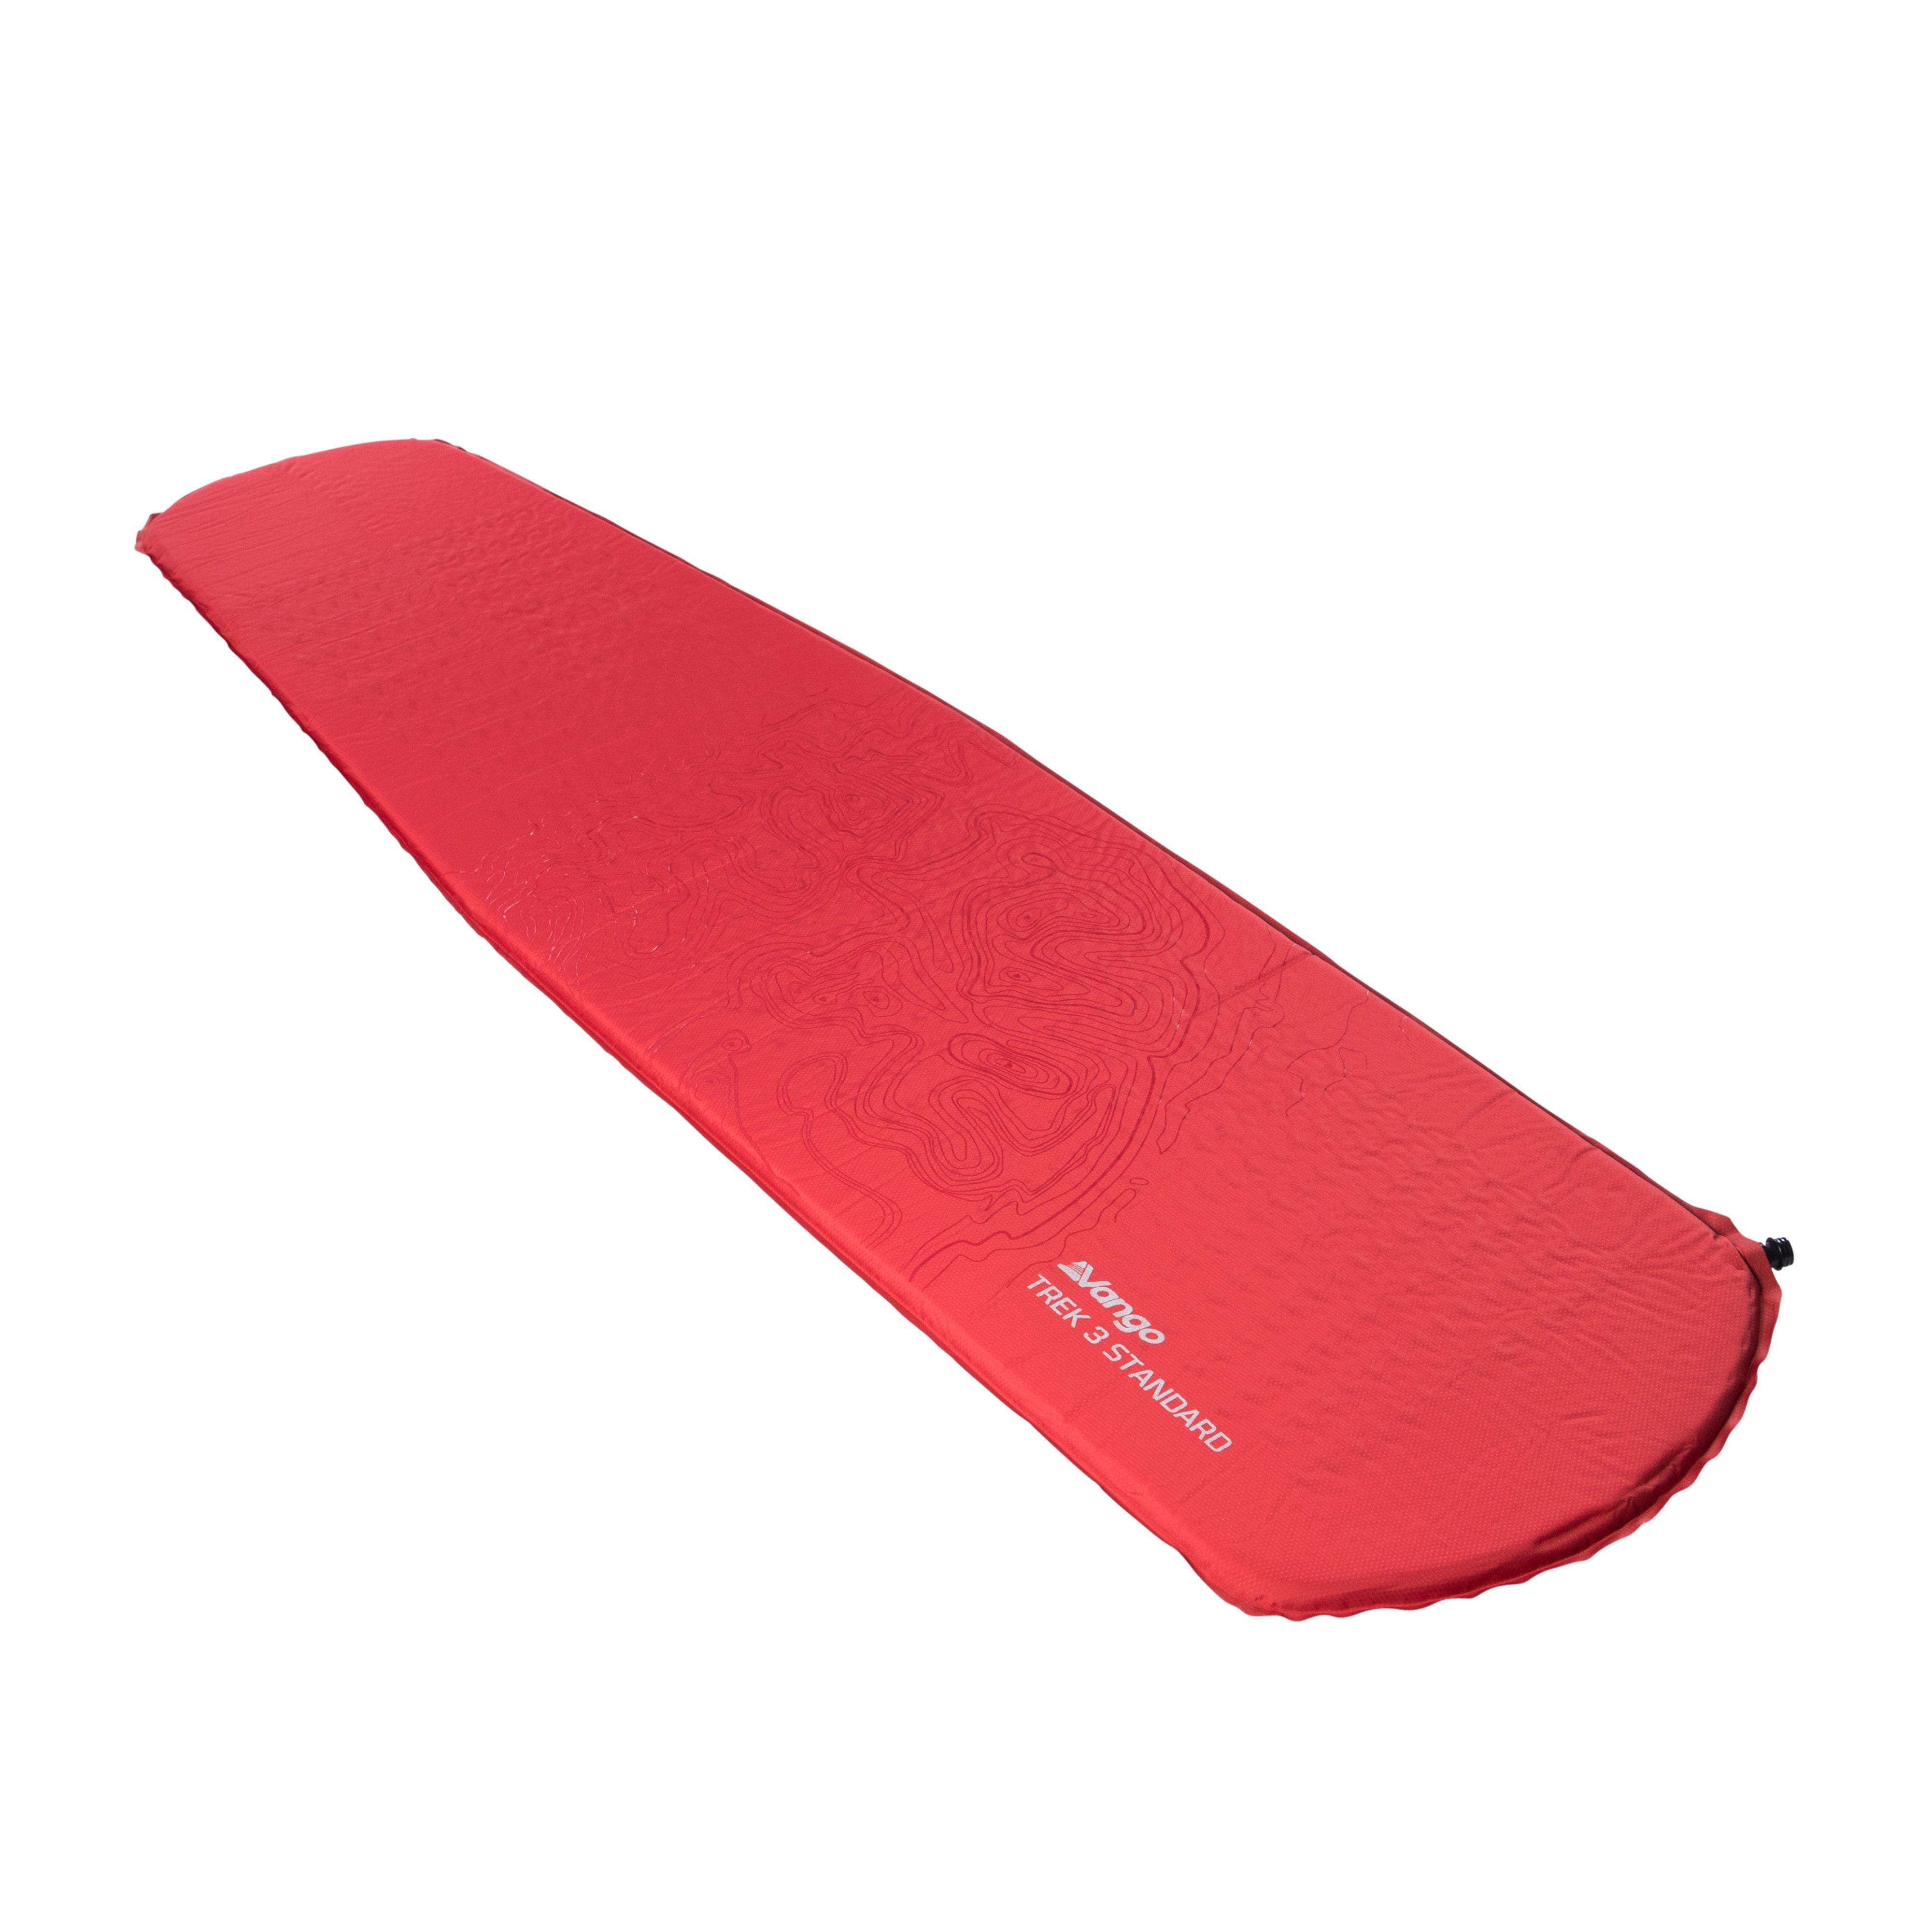 VANGO Trek 3 Sleeping Mat, RED/RED